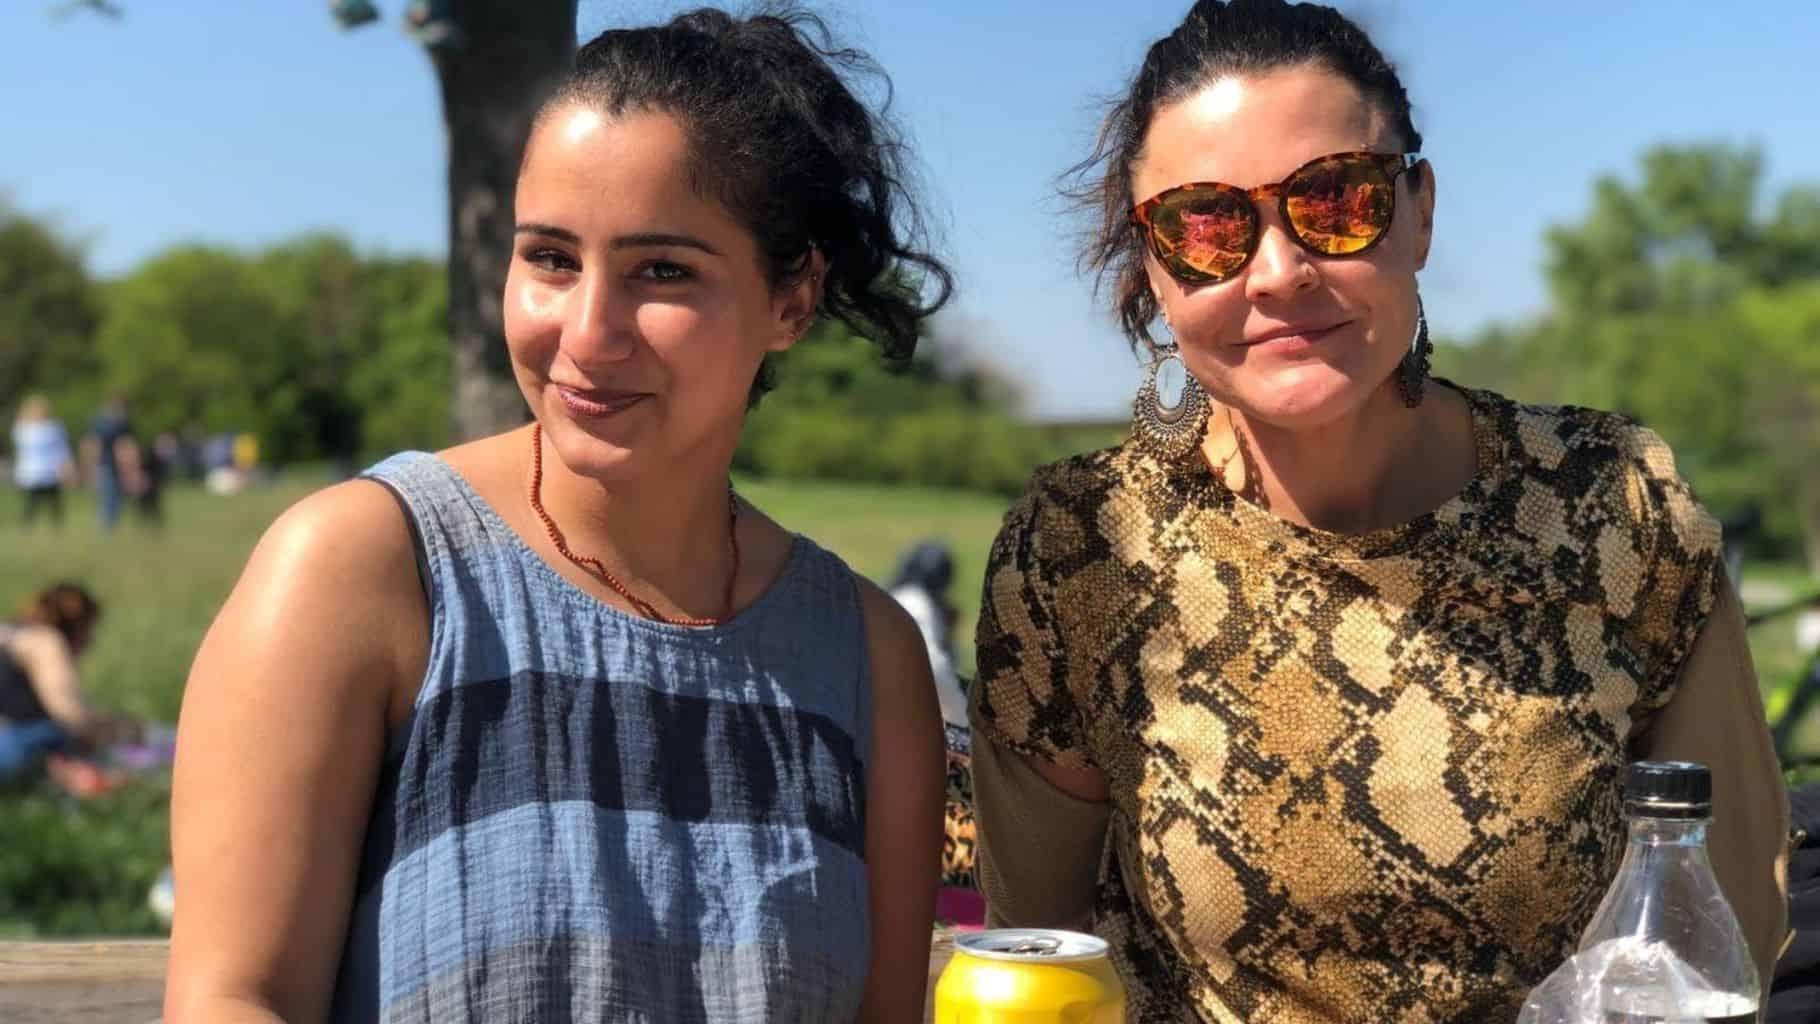 Freunde Grillage auf der Donauinsel